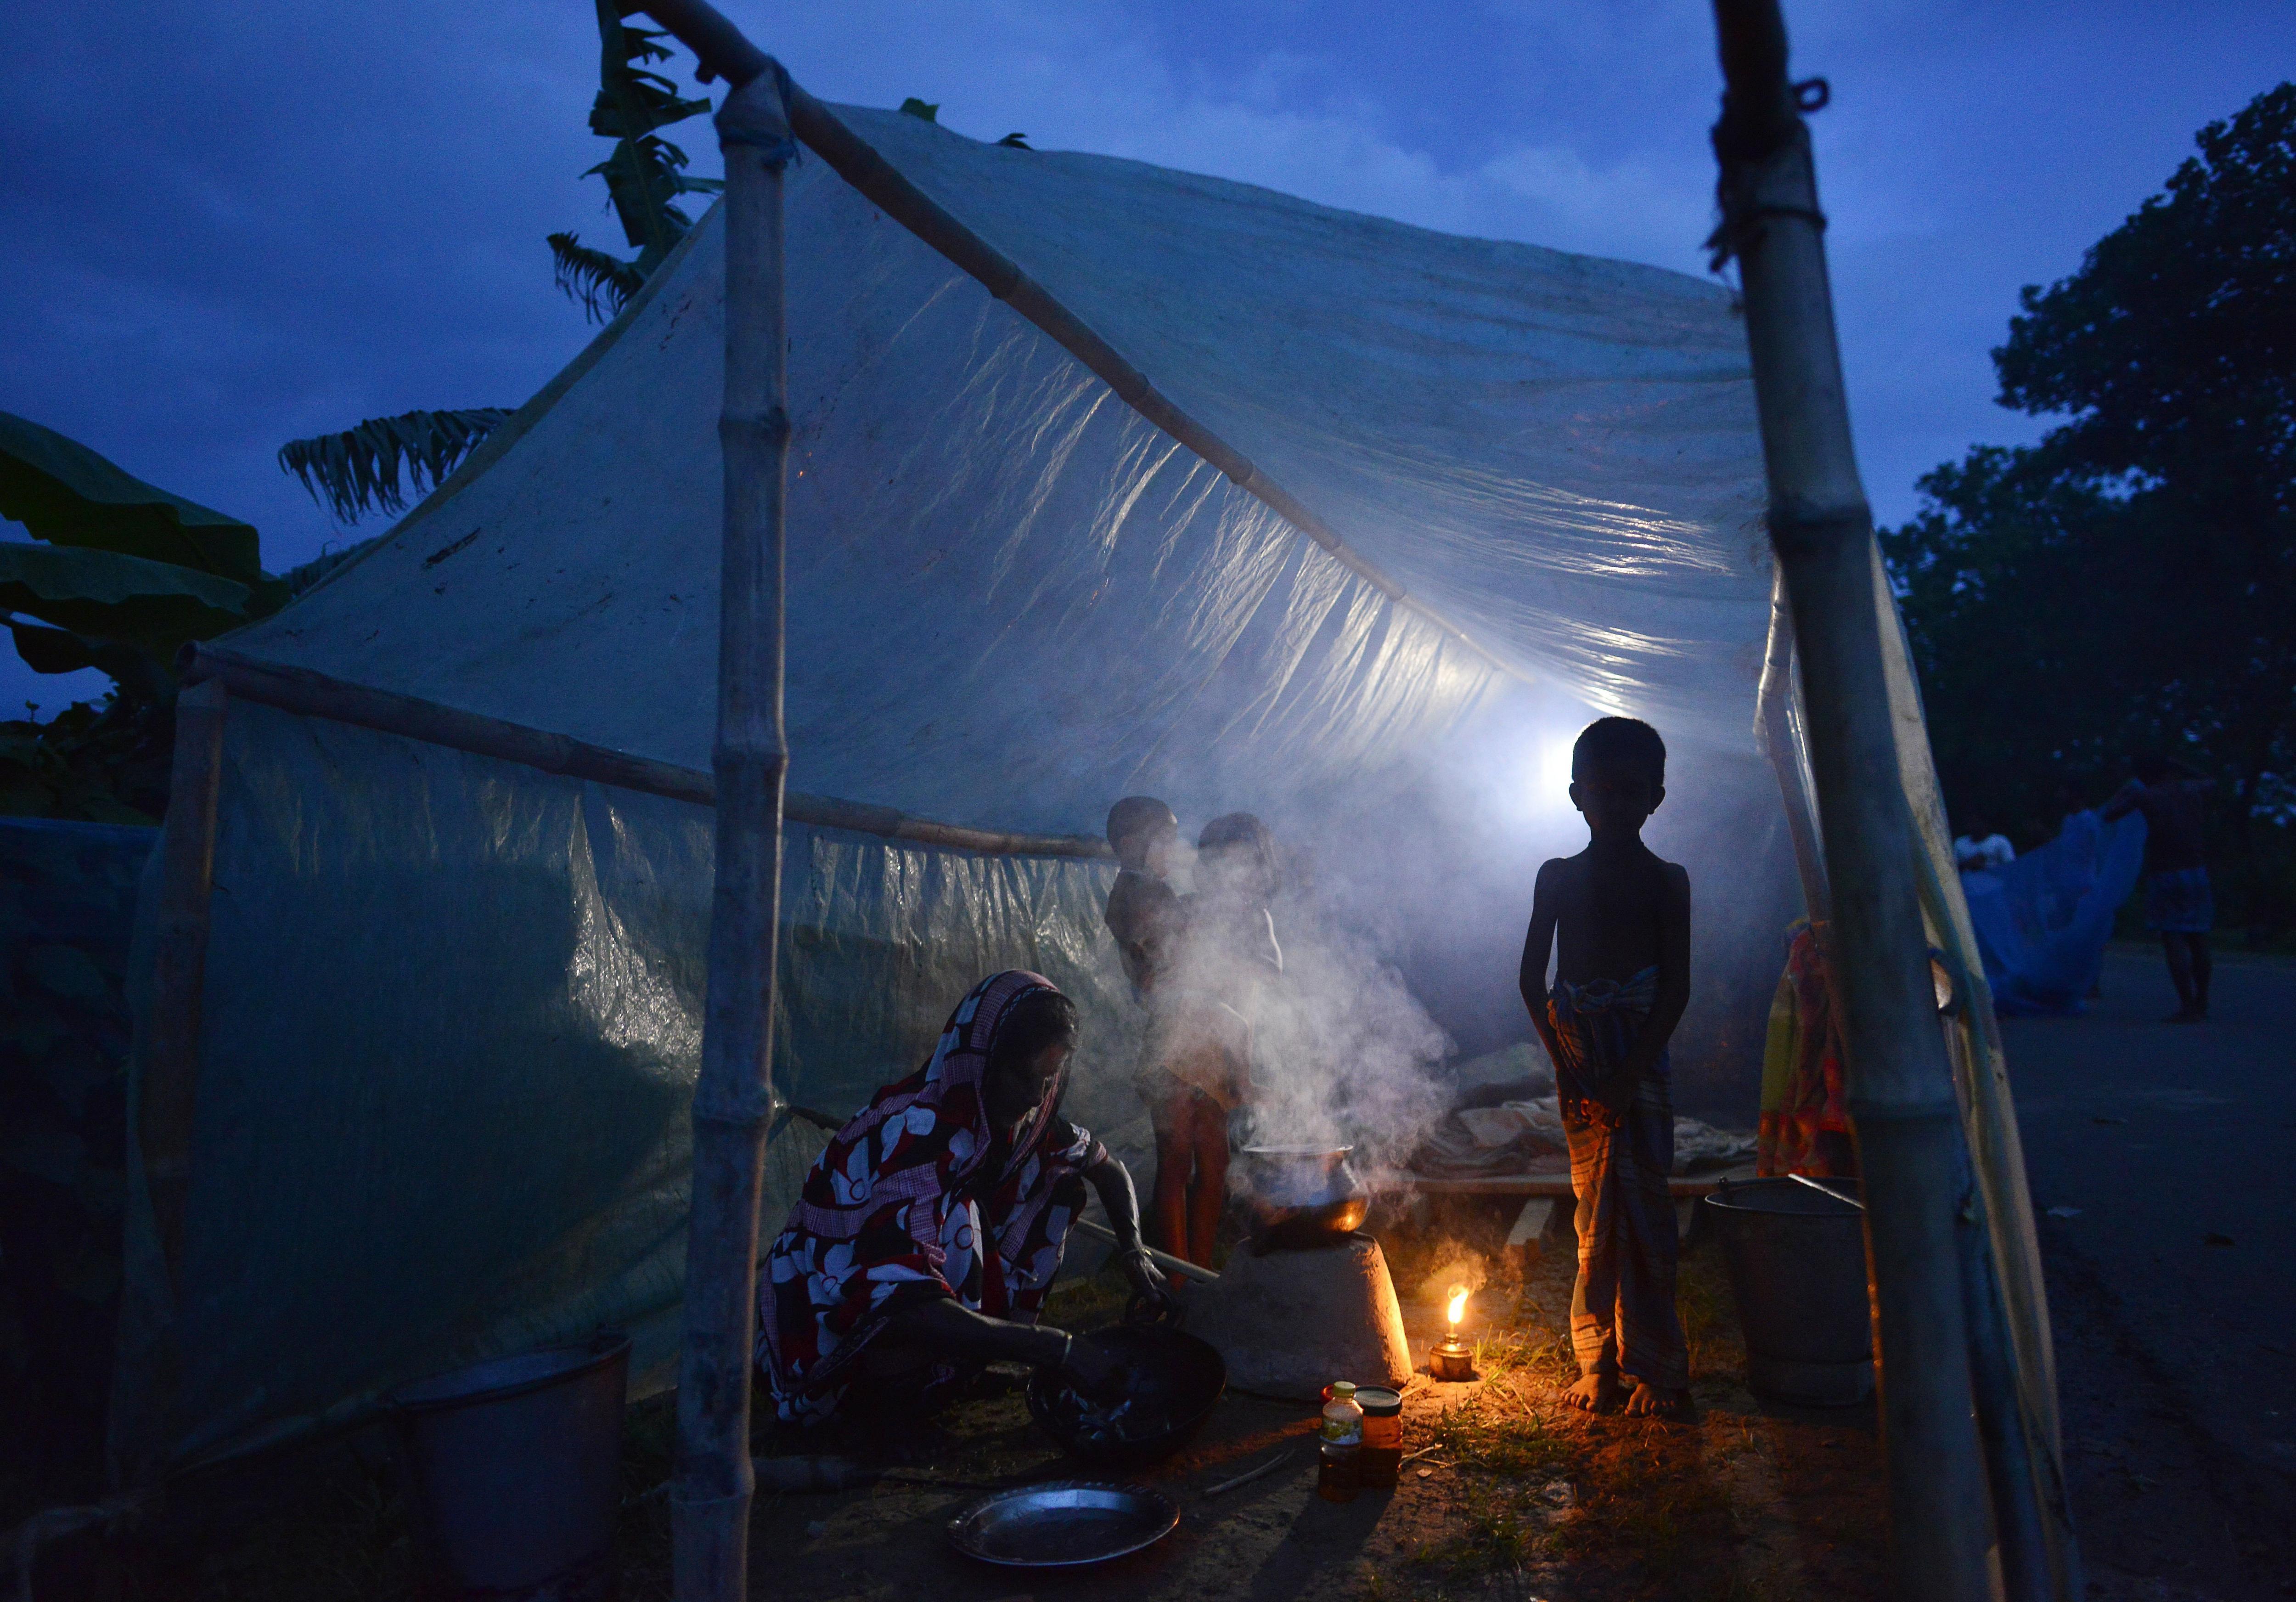 Una dona prepara el sopar en un campament improvisat després de les inundacions en el districte de Mariagaon, a l'Índia. /STR